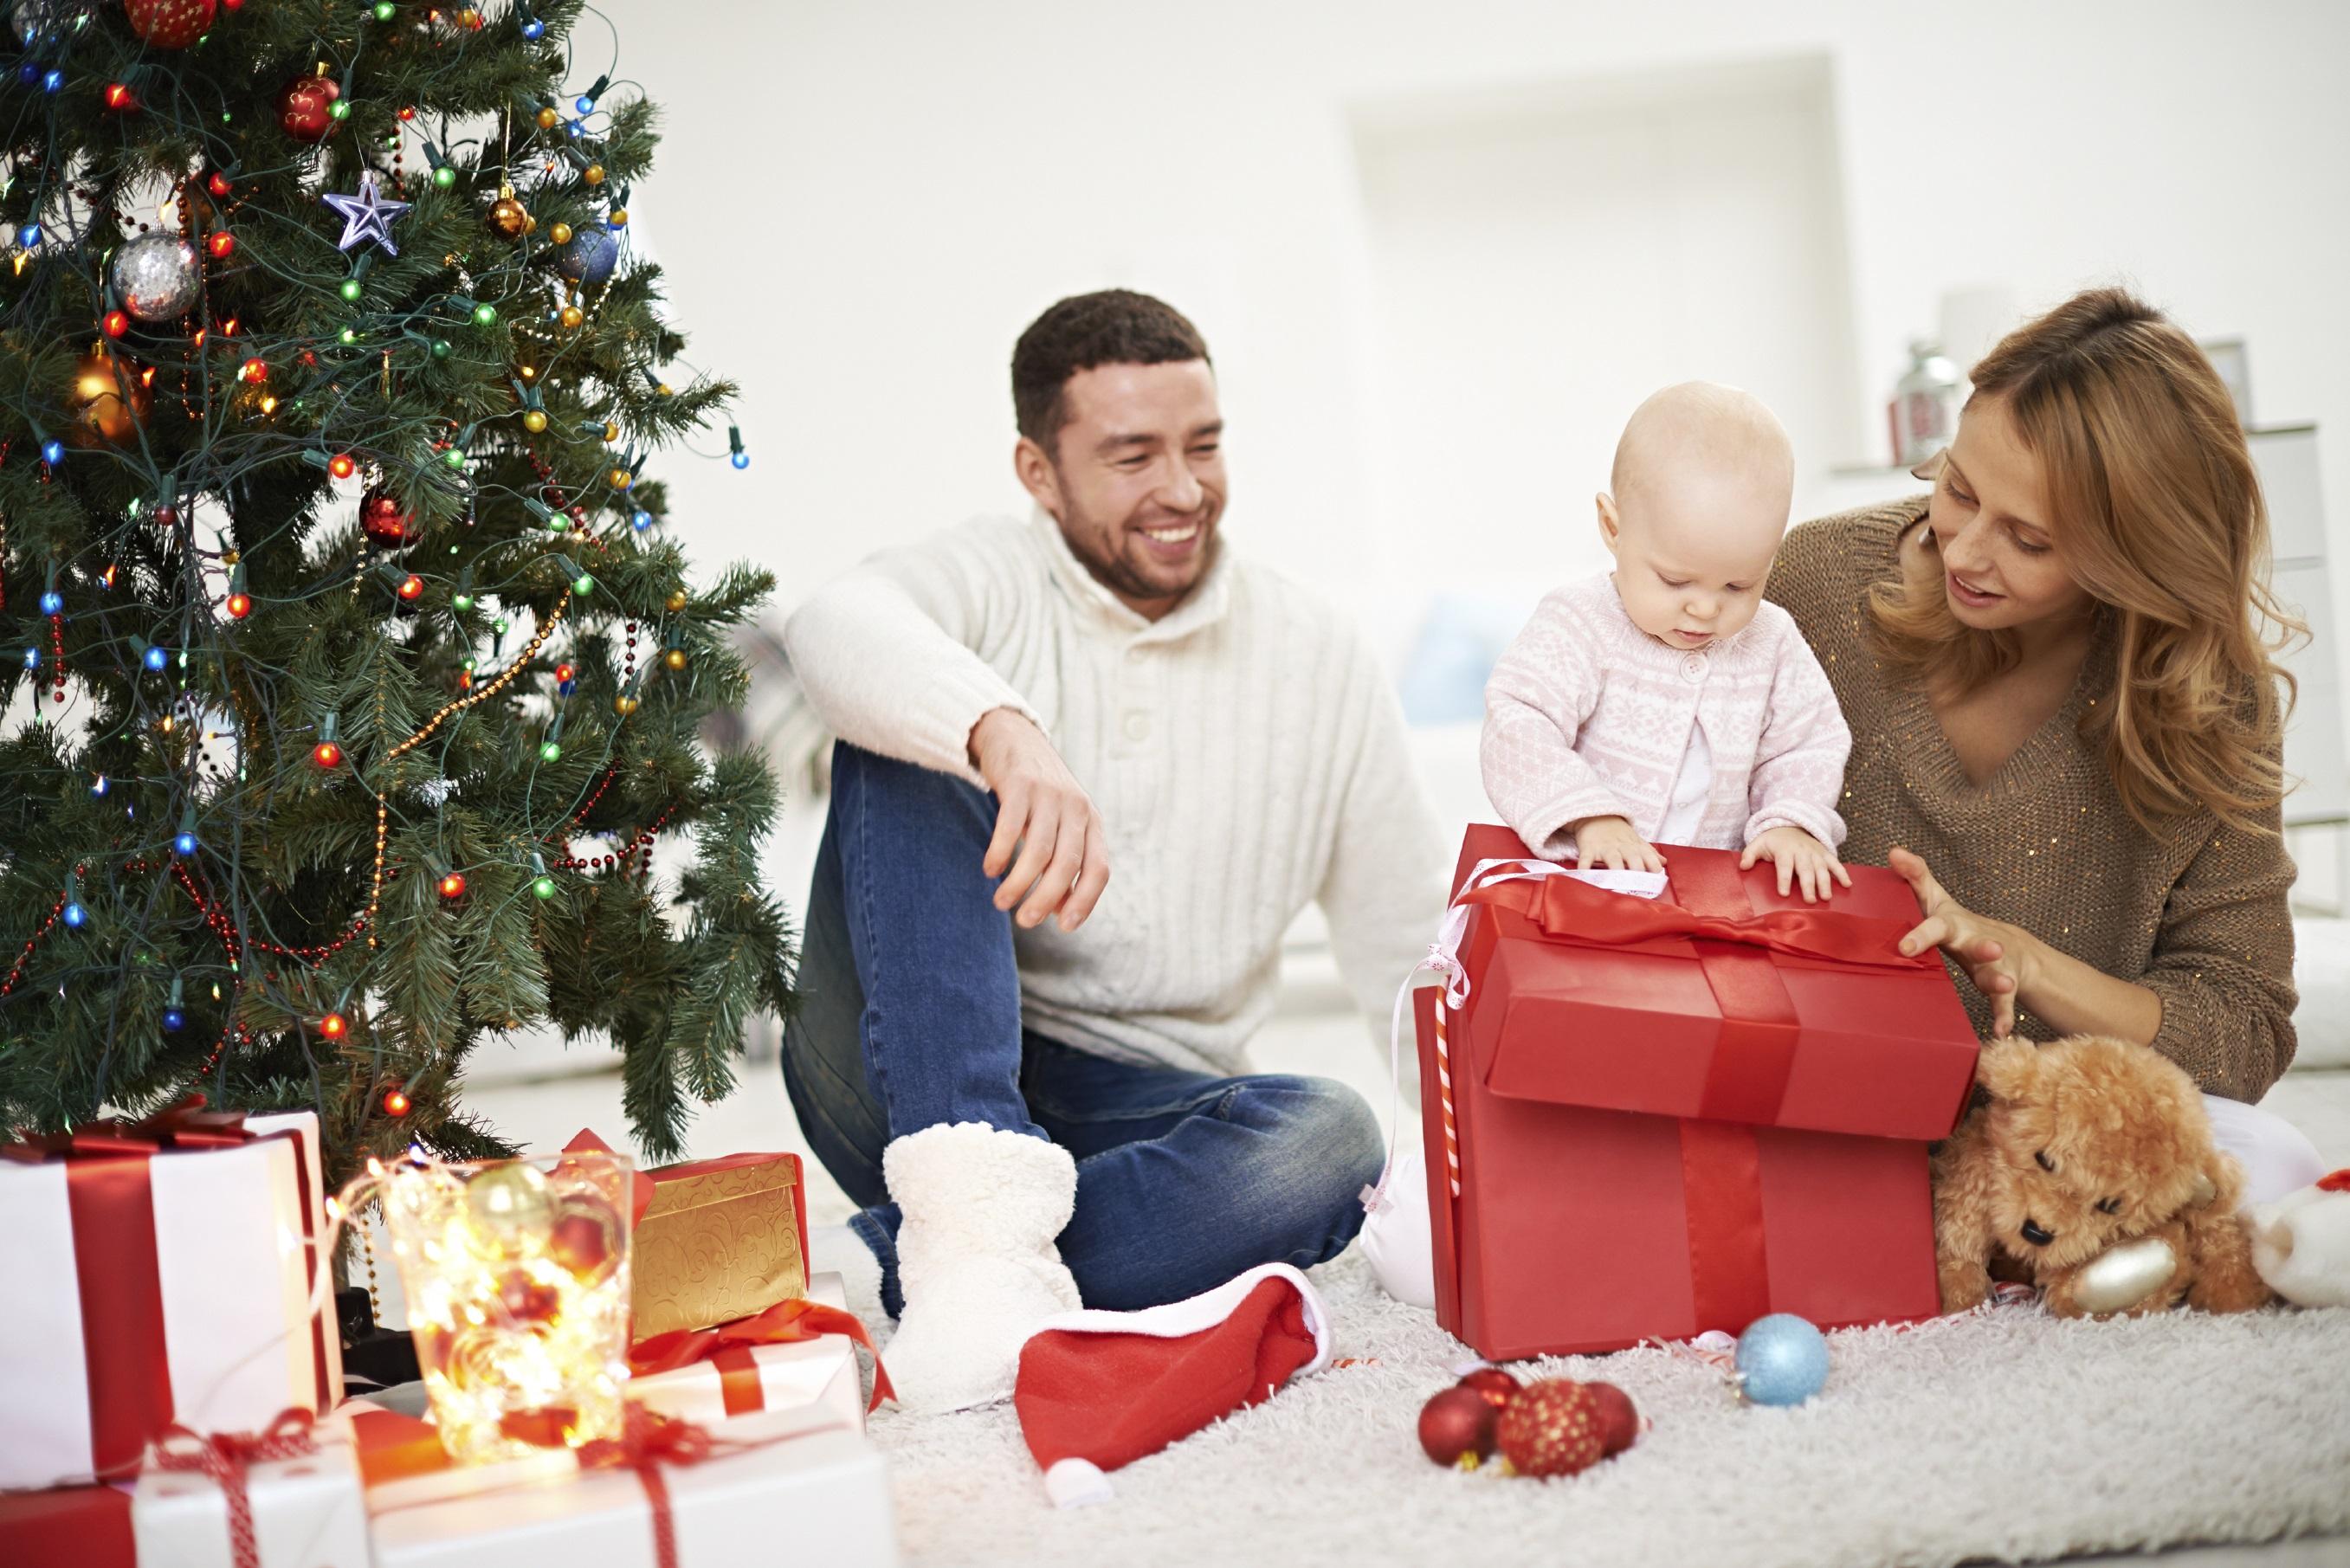 Weihnachtsgeschenke - Tipps für das perfekte Geschenk